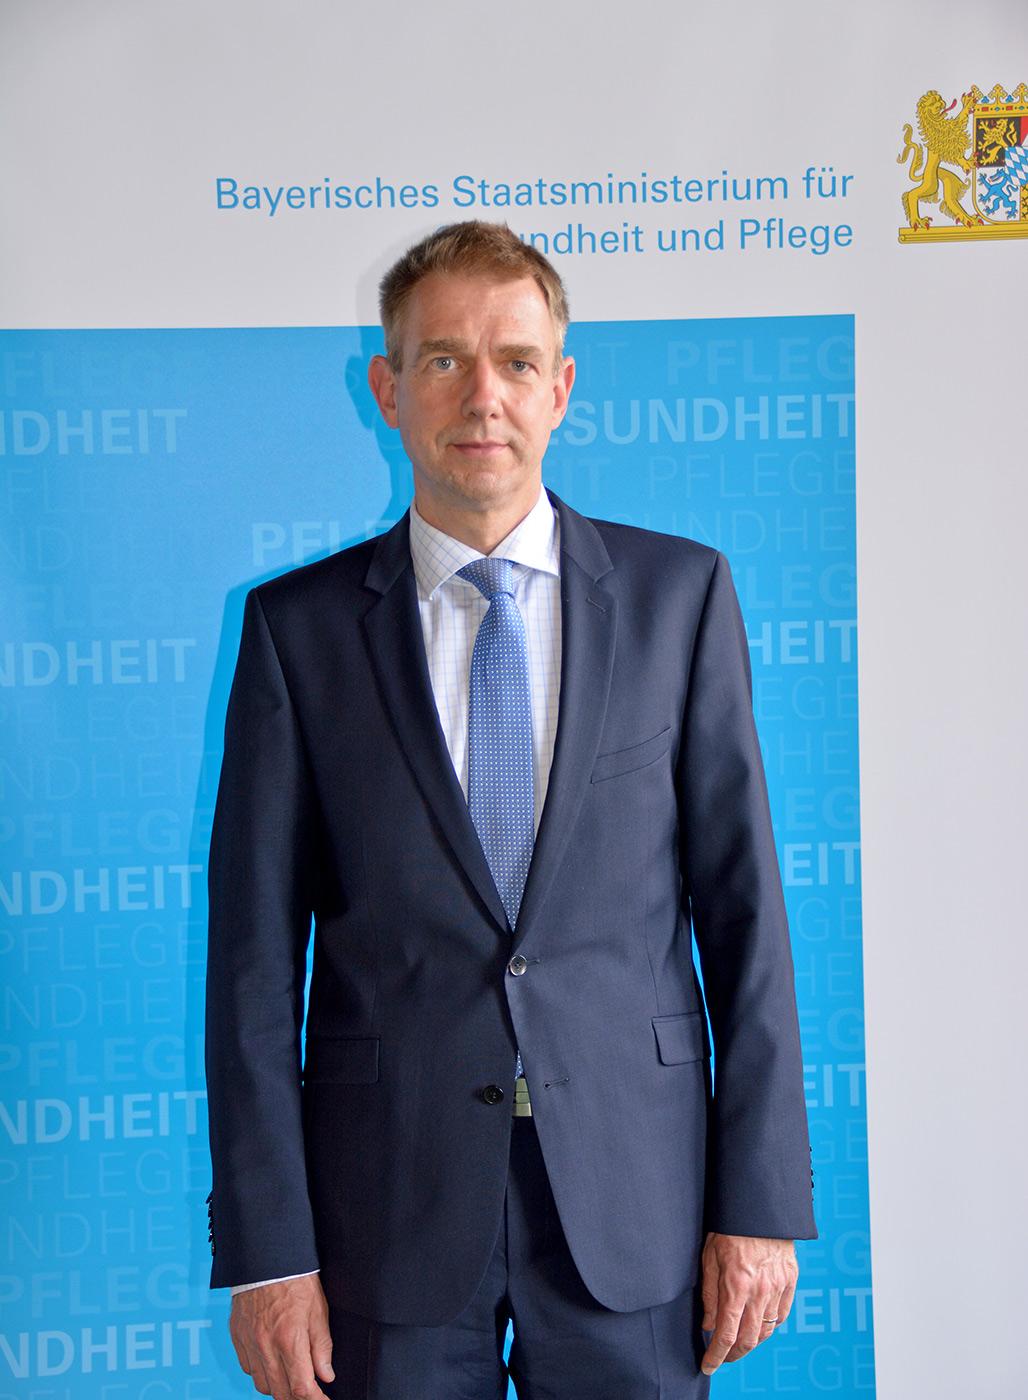 Dr. Joachim Hellemann, Mitglied der Bayerischen Ethikkommission für Präimplantationsdiagnostik